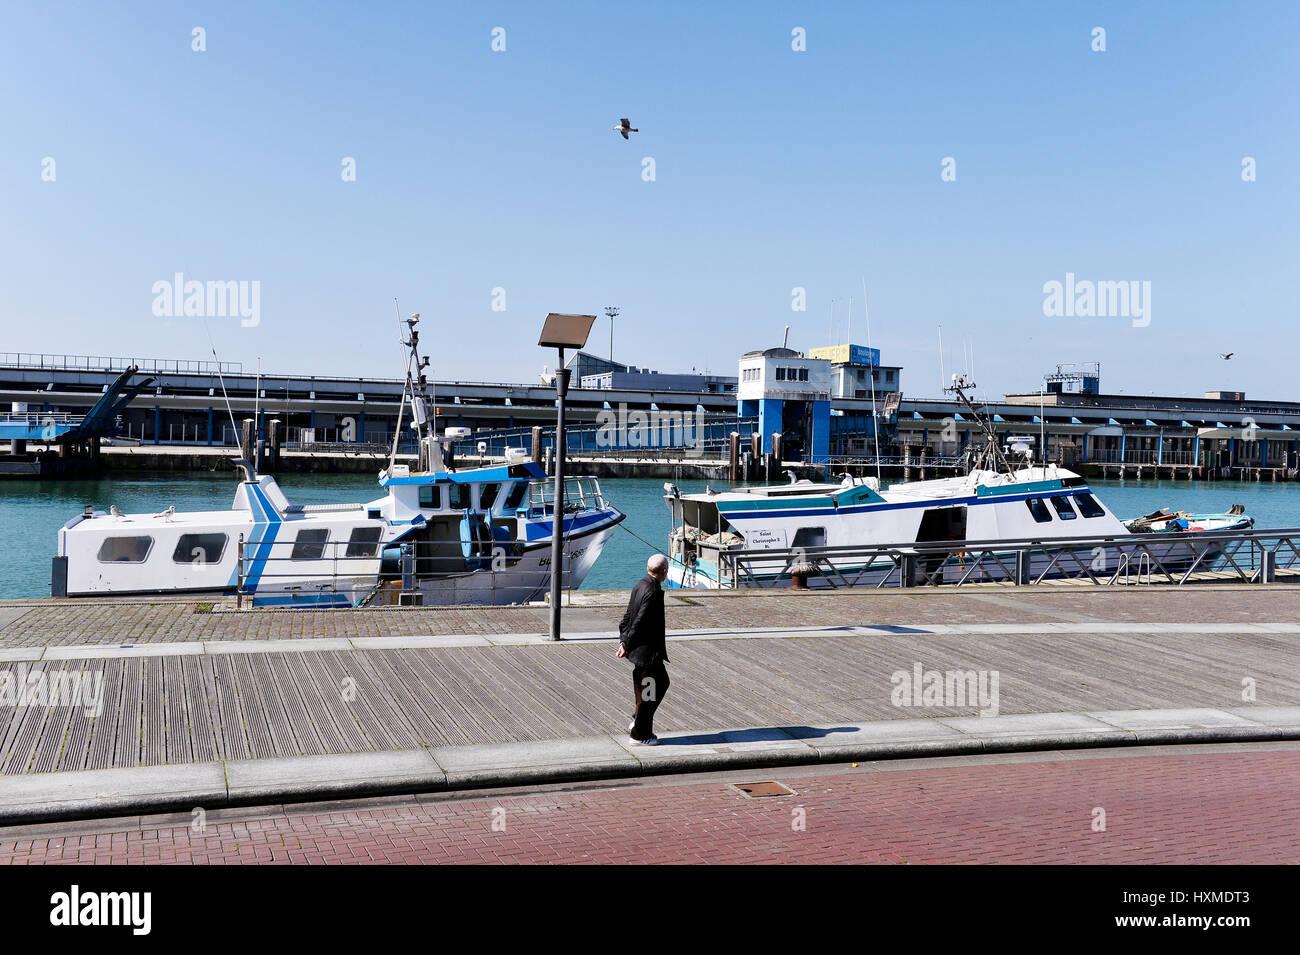 Port of Boulogne sur Mer, France - Stock Image